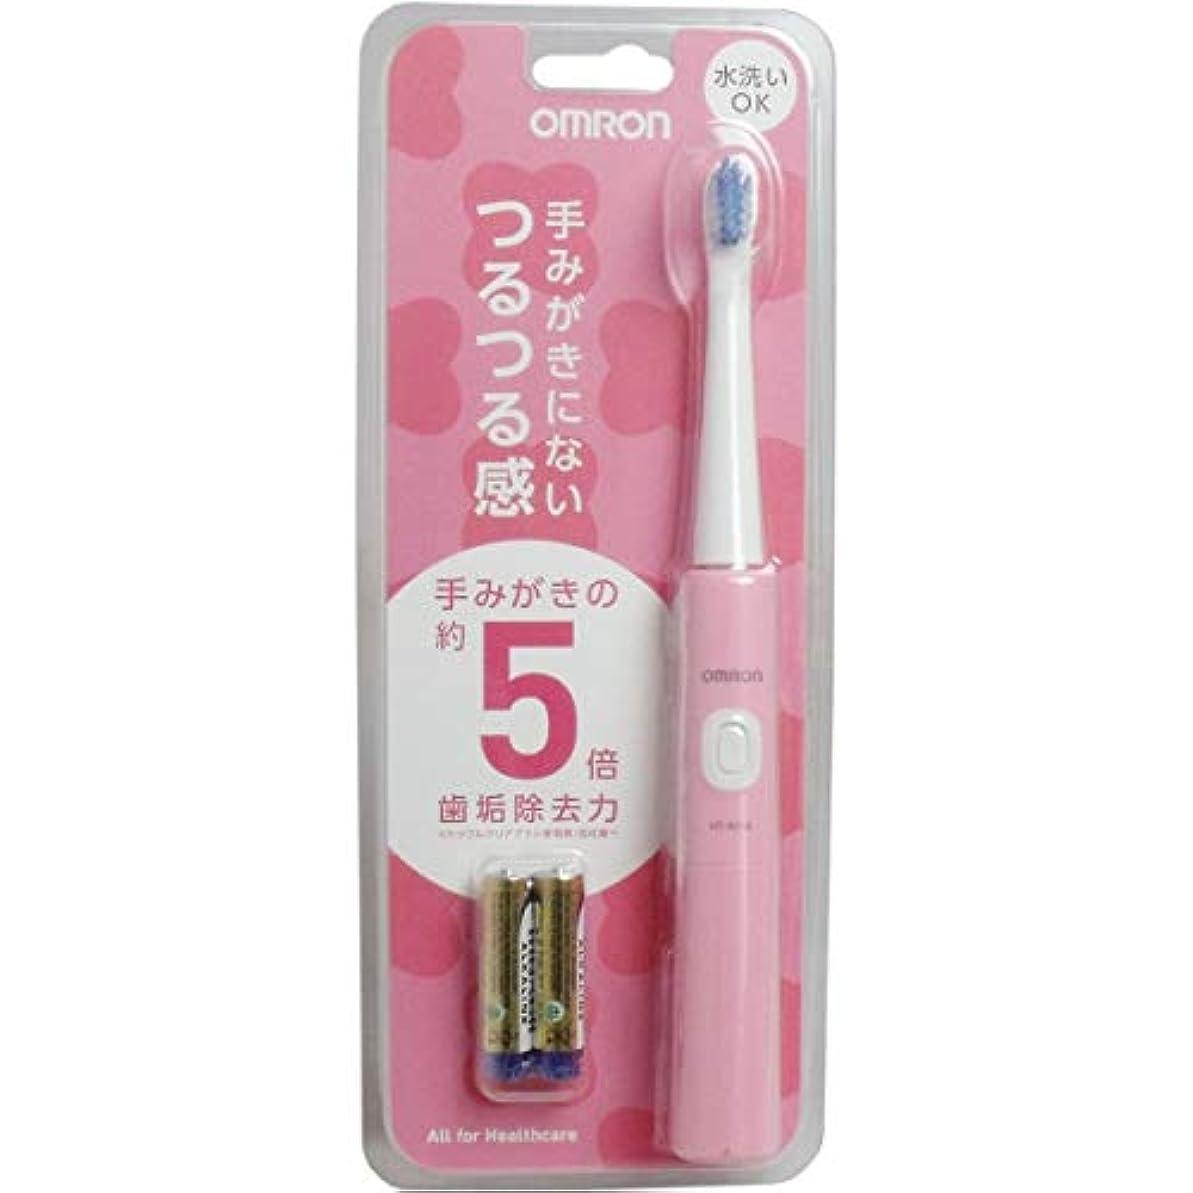 暗殺マニア間違いなくオムロンヘルスケア 音波式電動歯ブラシ ピンク HT-B210-PK